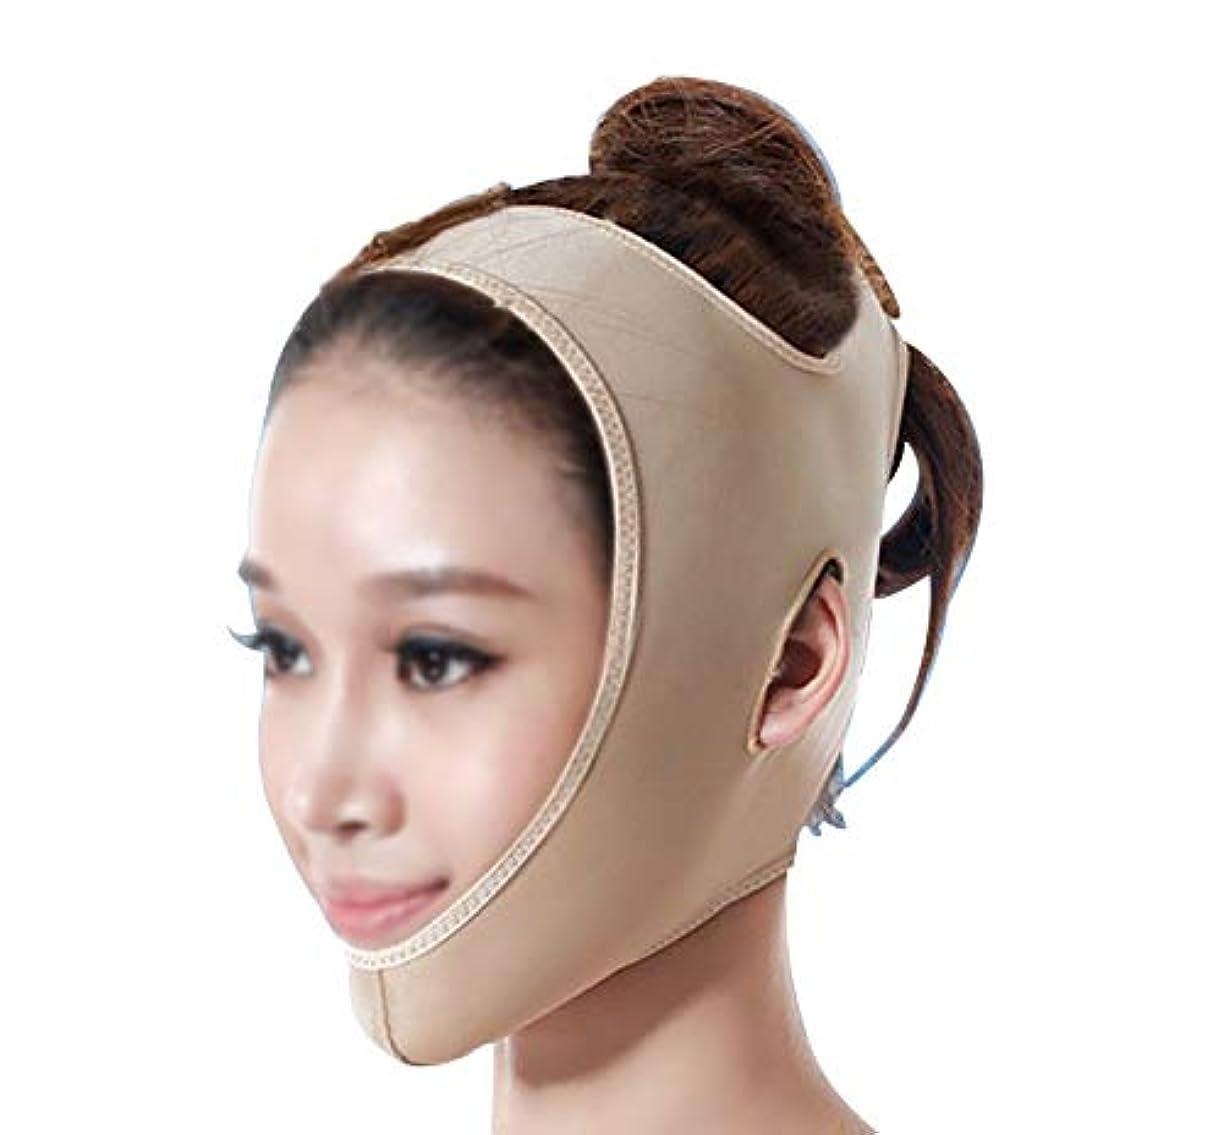 高層ビル時々規範LJK 引き締めフェイスマスク、フェイシャルマスク美容医学フェイスマスク美容vフェイス包帯ライン彫刻リフティング引き締めダブルチンマスク (Size : M)